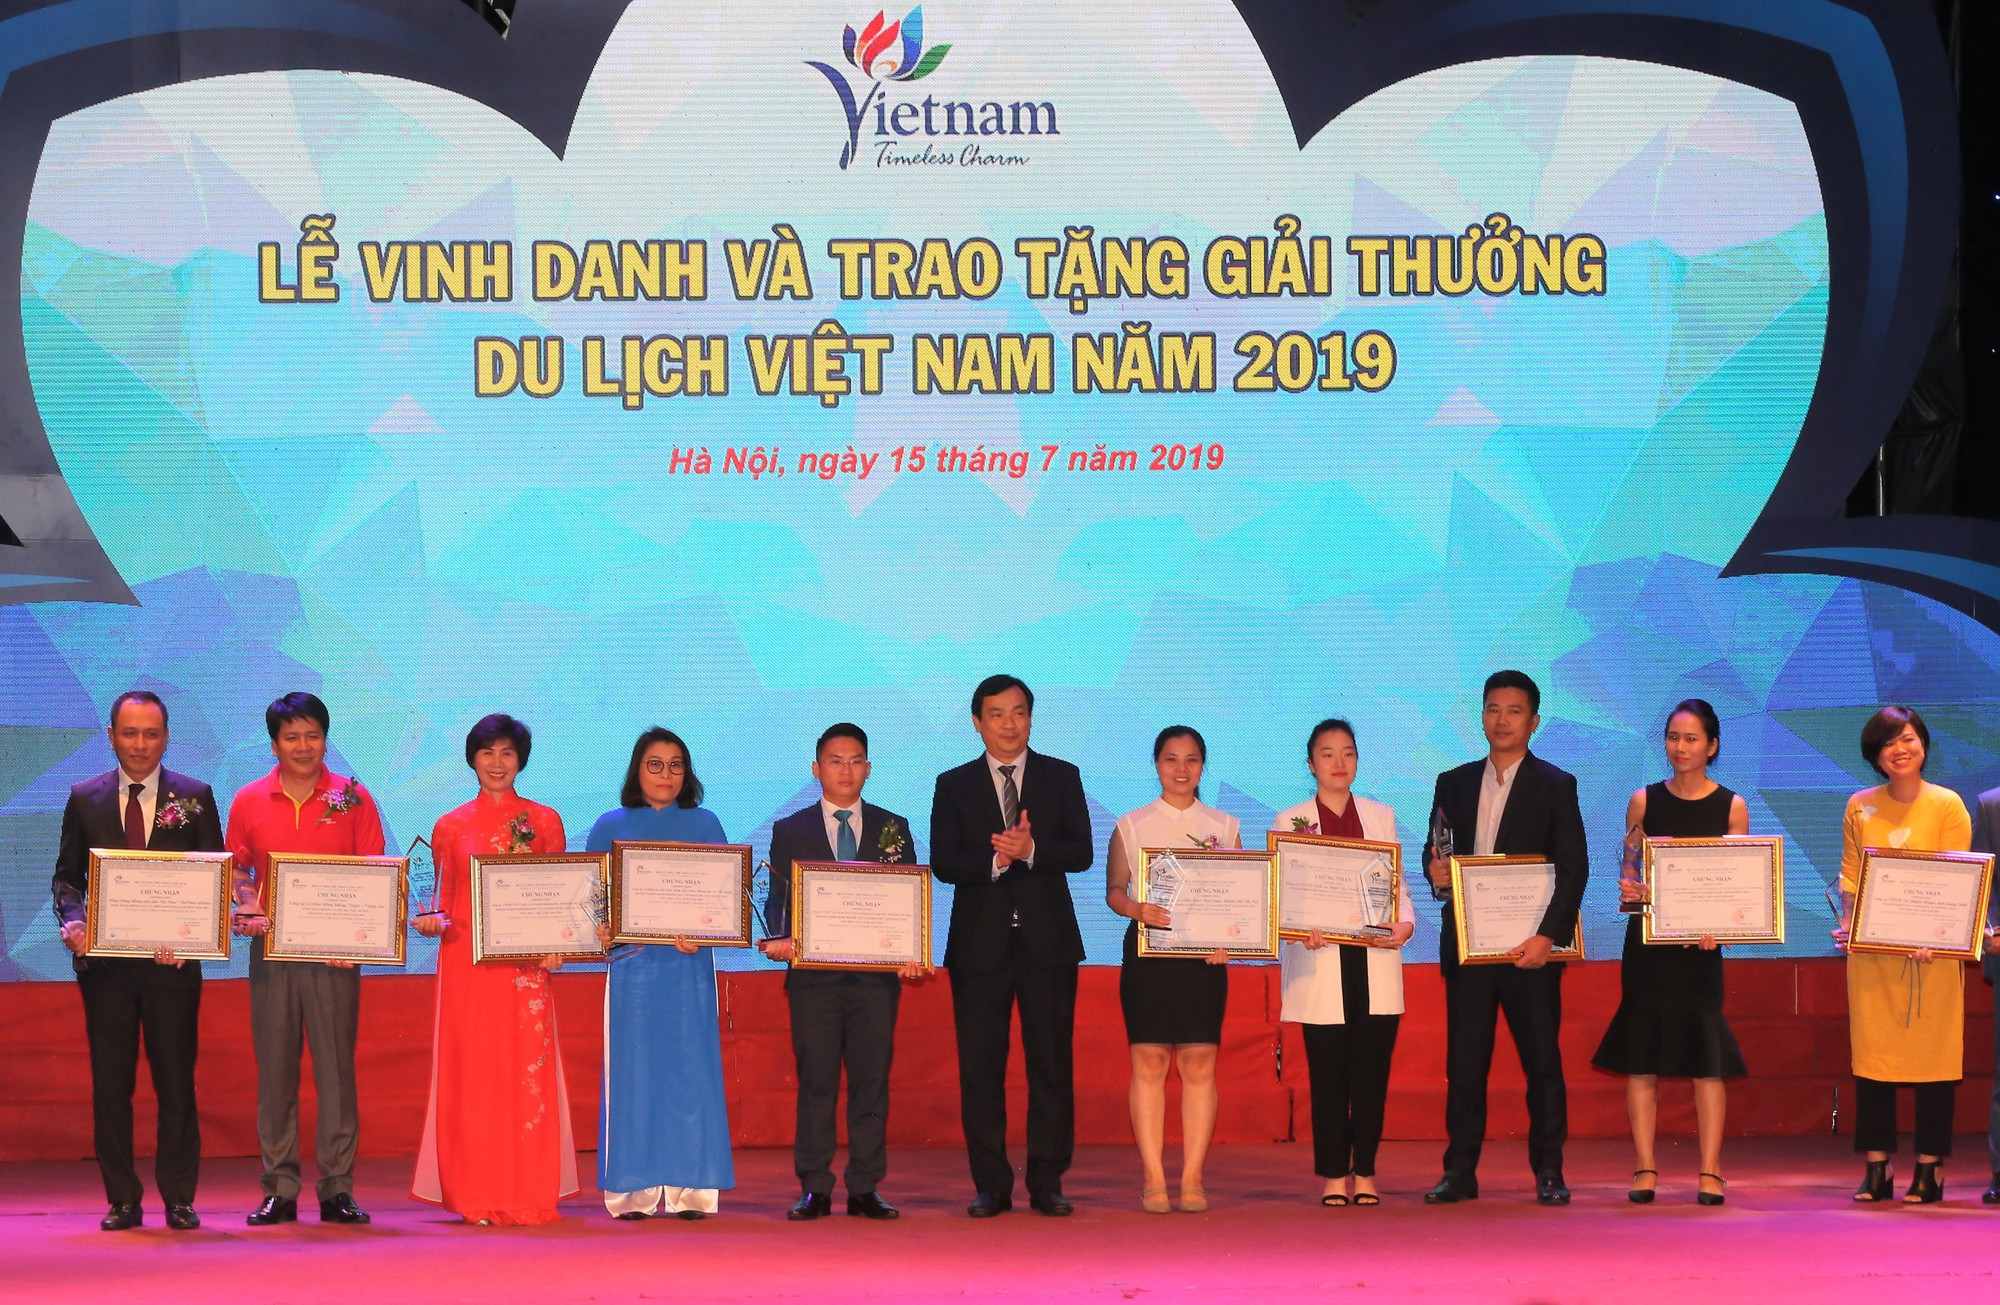 Tổng cục trưởng Tổng cục Du lịch Nguyễn Trùng Khánh trao giải cho doanh nghiệp kinh doanh vận tải khách du lịch đường thủy tốt nhất Việt Nam.